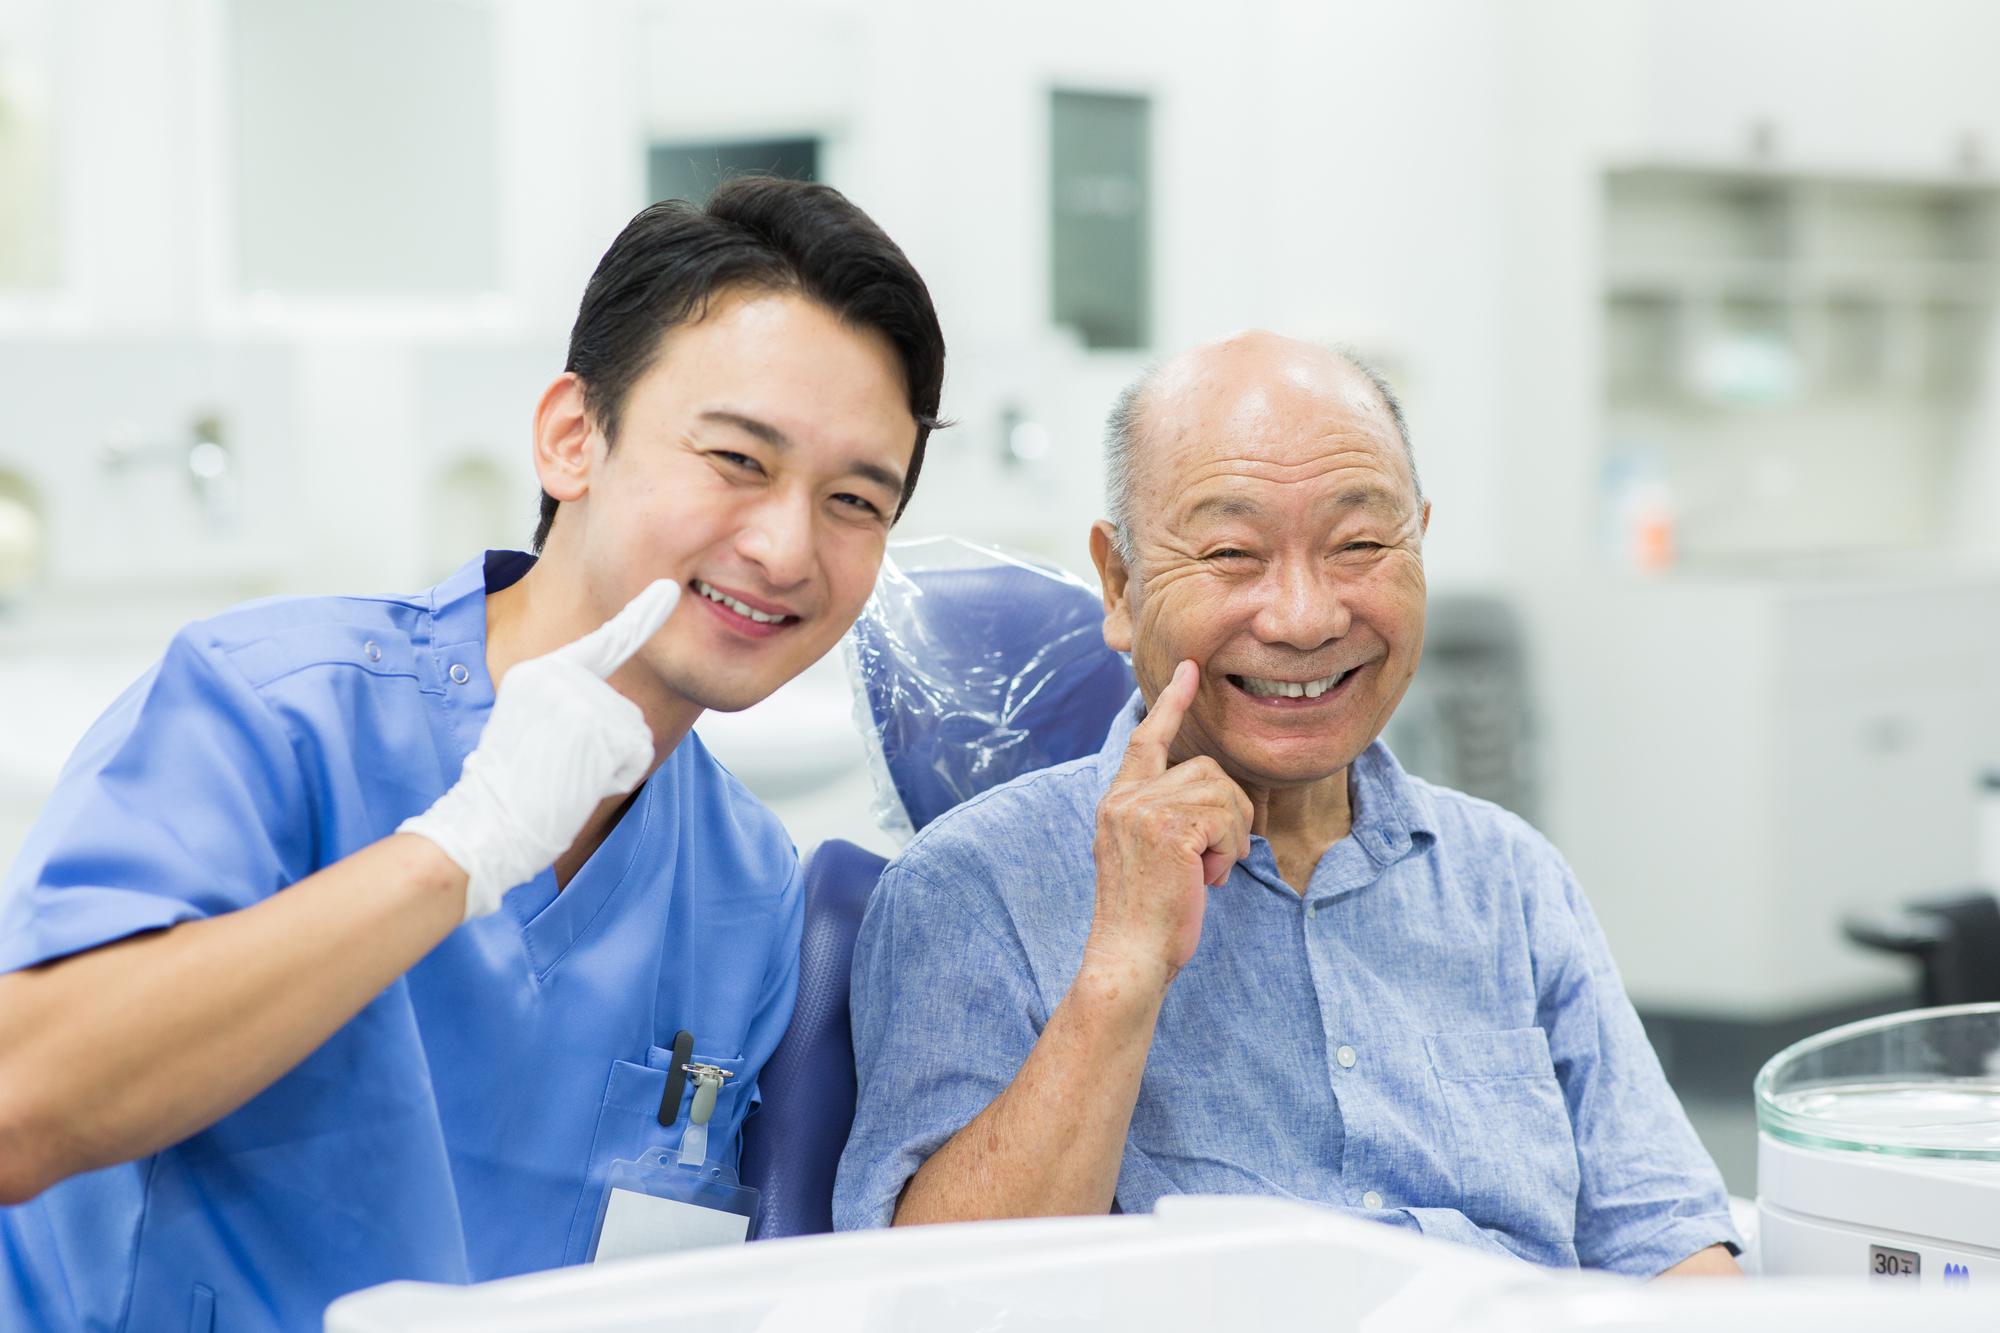 転職を考える歯科医師必見!「辞めたい」と思う理由とその対処法について